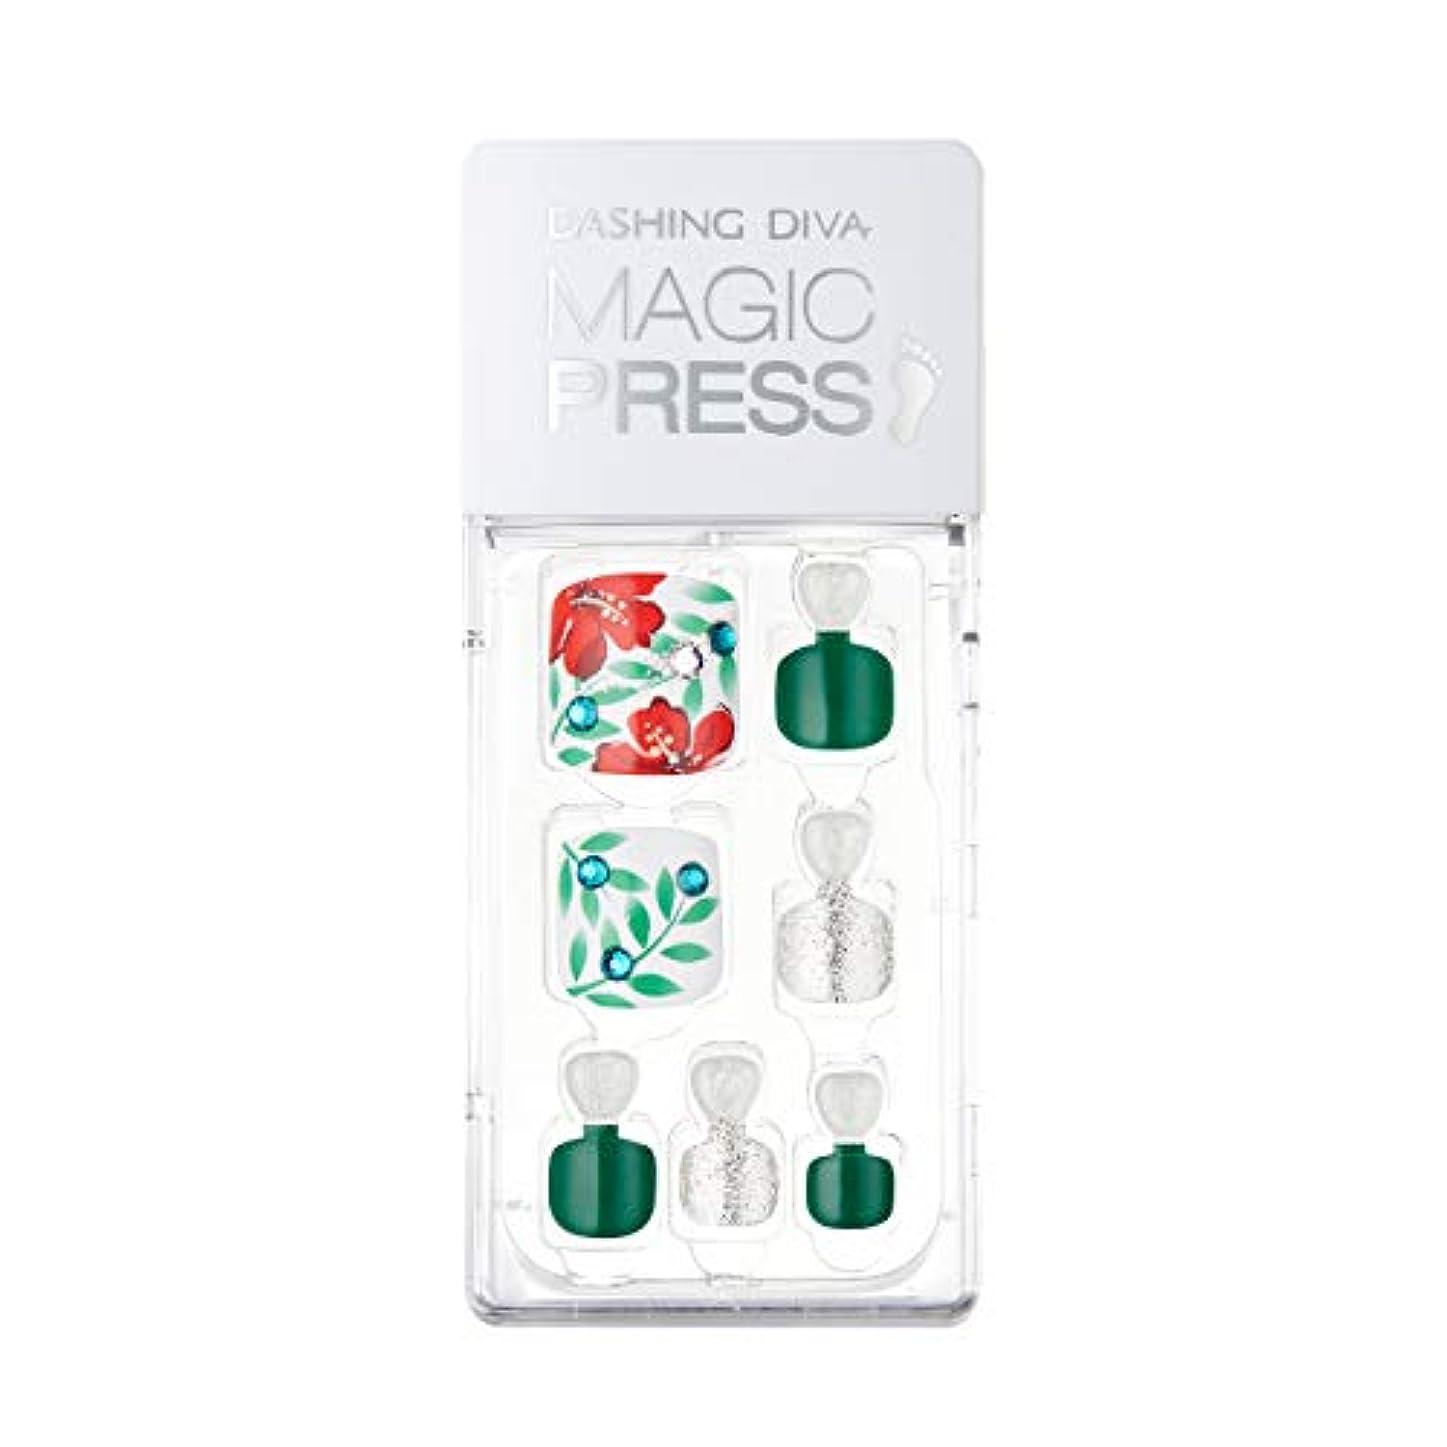 失業優しい器用ダッシングディバ マジックプレス DASHING DIVA MagicPress MDR_377P-DURY+ オリジナルジェル ネイルチップ Maxi Dress